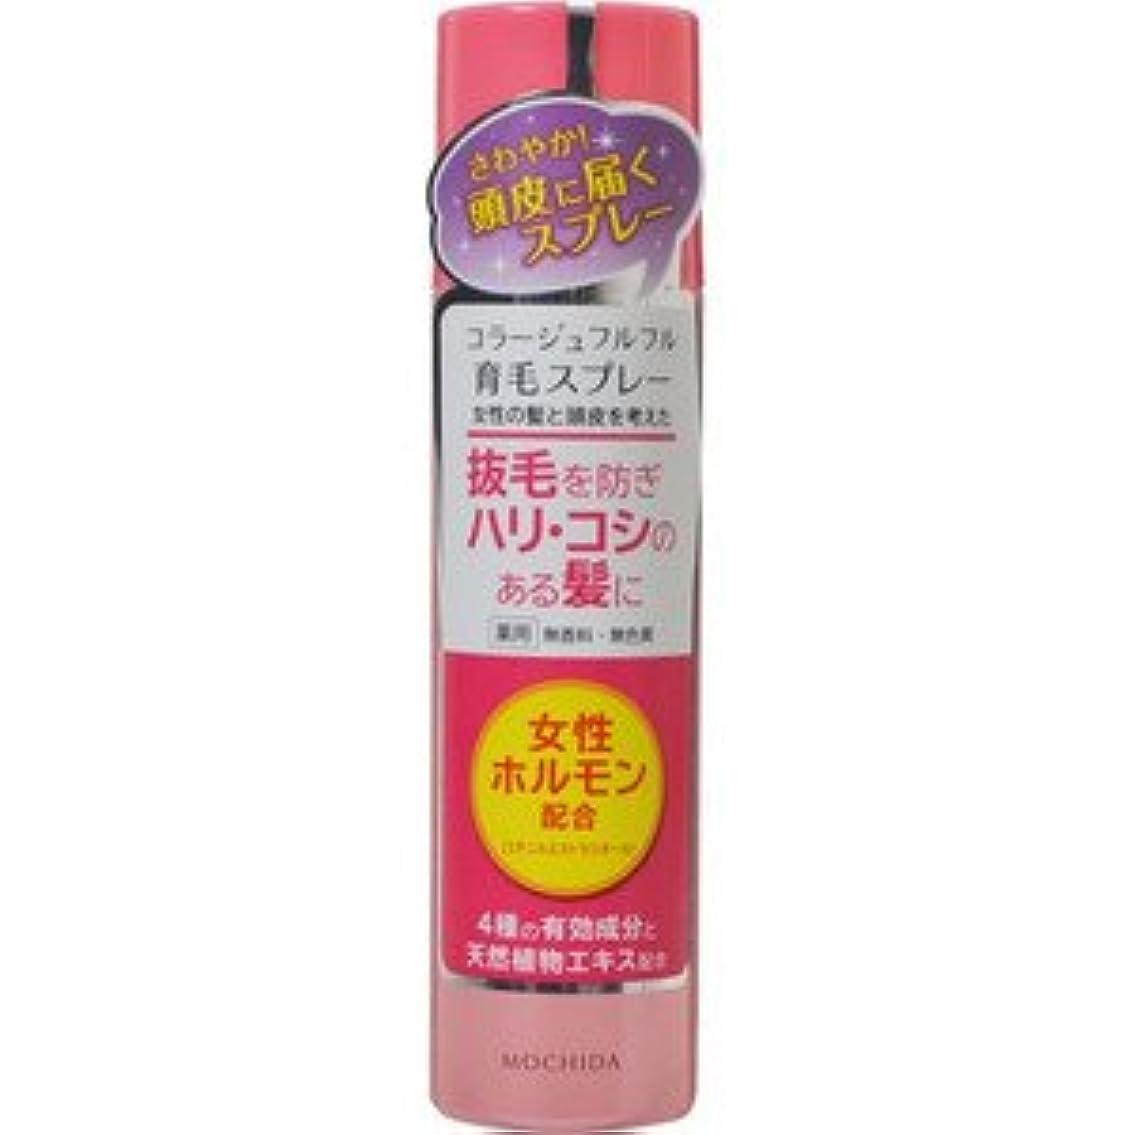 フィードバックガードスケート(持田ヘルスケア)コラージュフルフル 育毛スプレー 150g(医薬部外品)(お買い得3個セット)